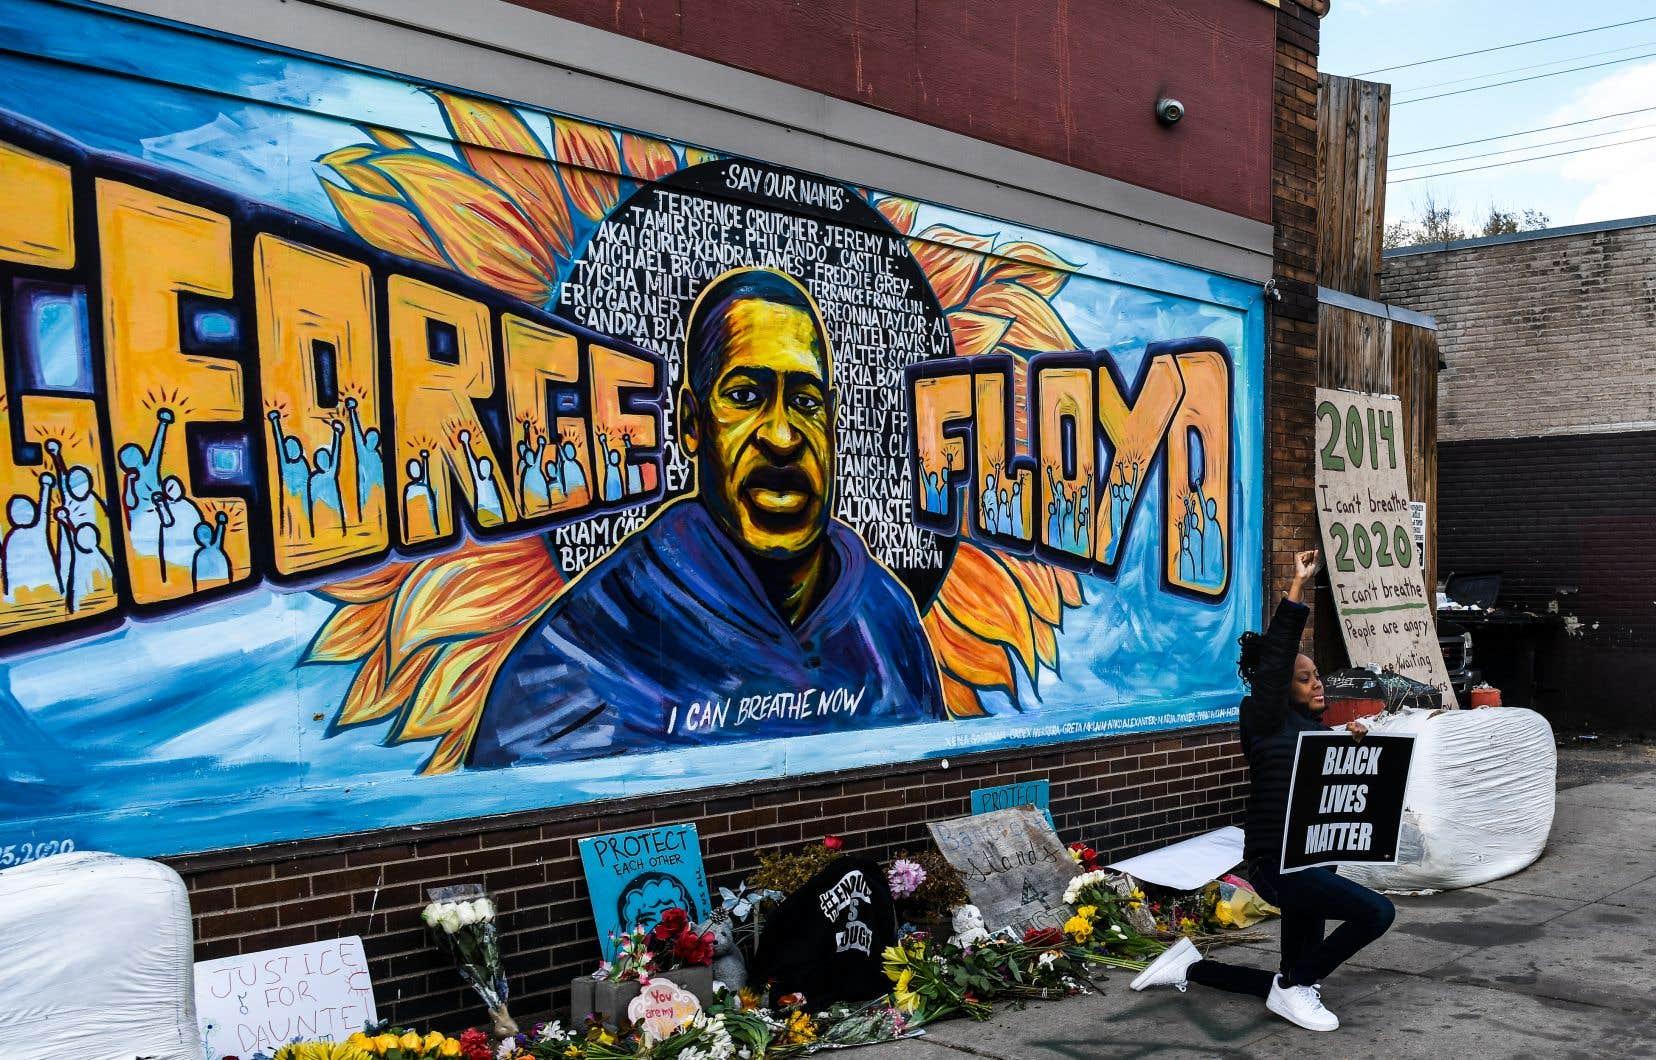 Les quatre policiers sont notamment accusés de ne pas avoir porté les secours nécessaires à George Floyd malgré ses supplications et celles de passants affolés.